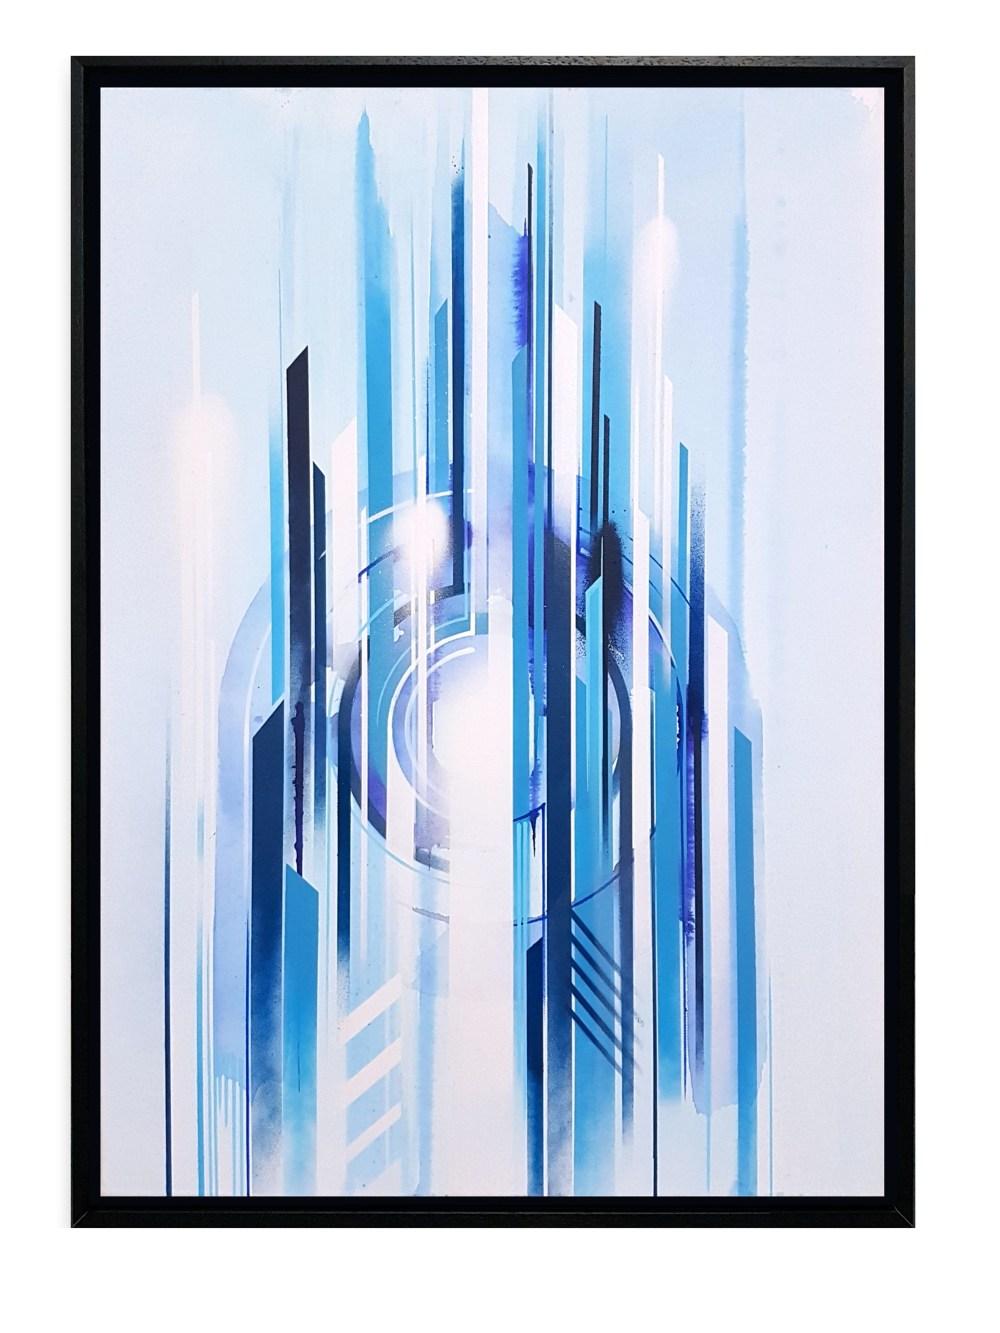 iazzu - interstellar Blue 2 Magaldi 50x70 2017